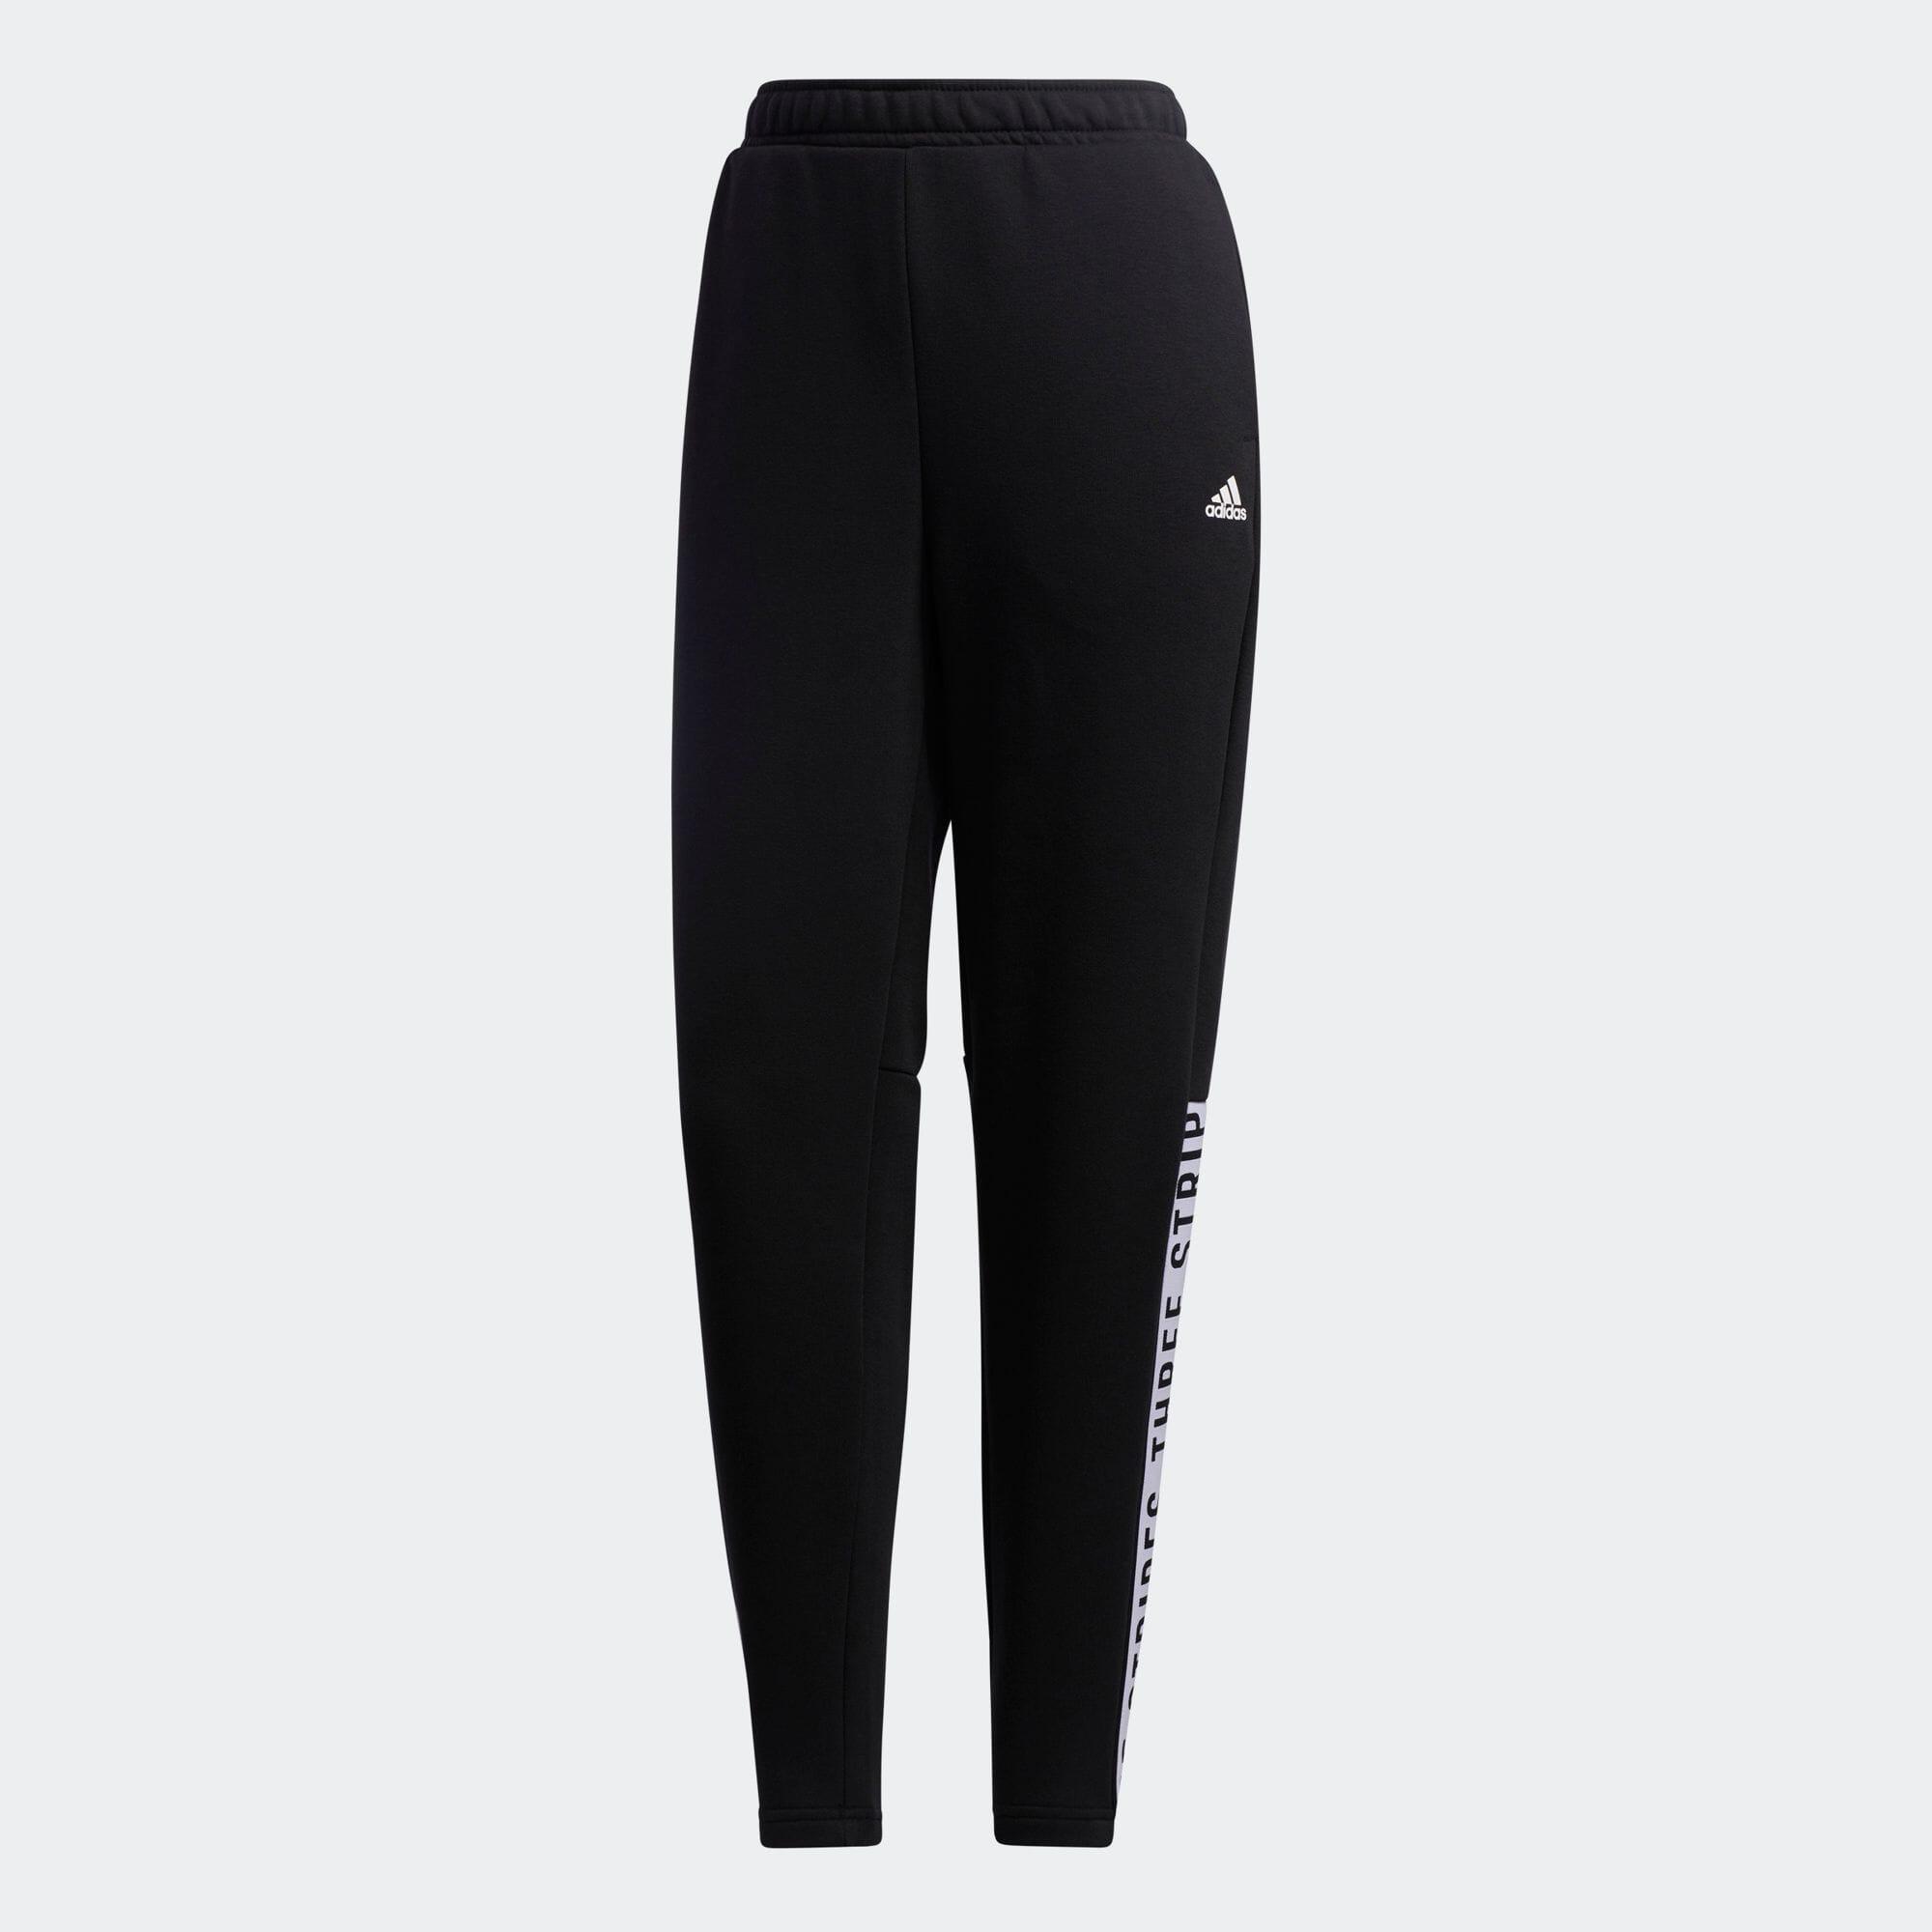 3ストライプス ワーディング スウェットパンツ / 3-Stripes Wording Sweat Pants